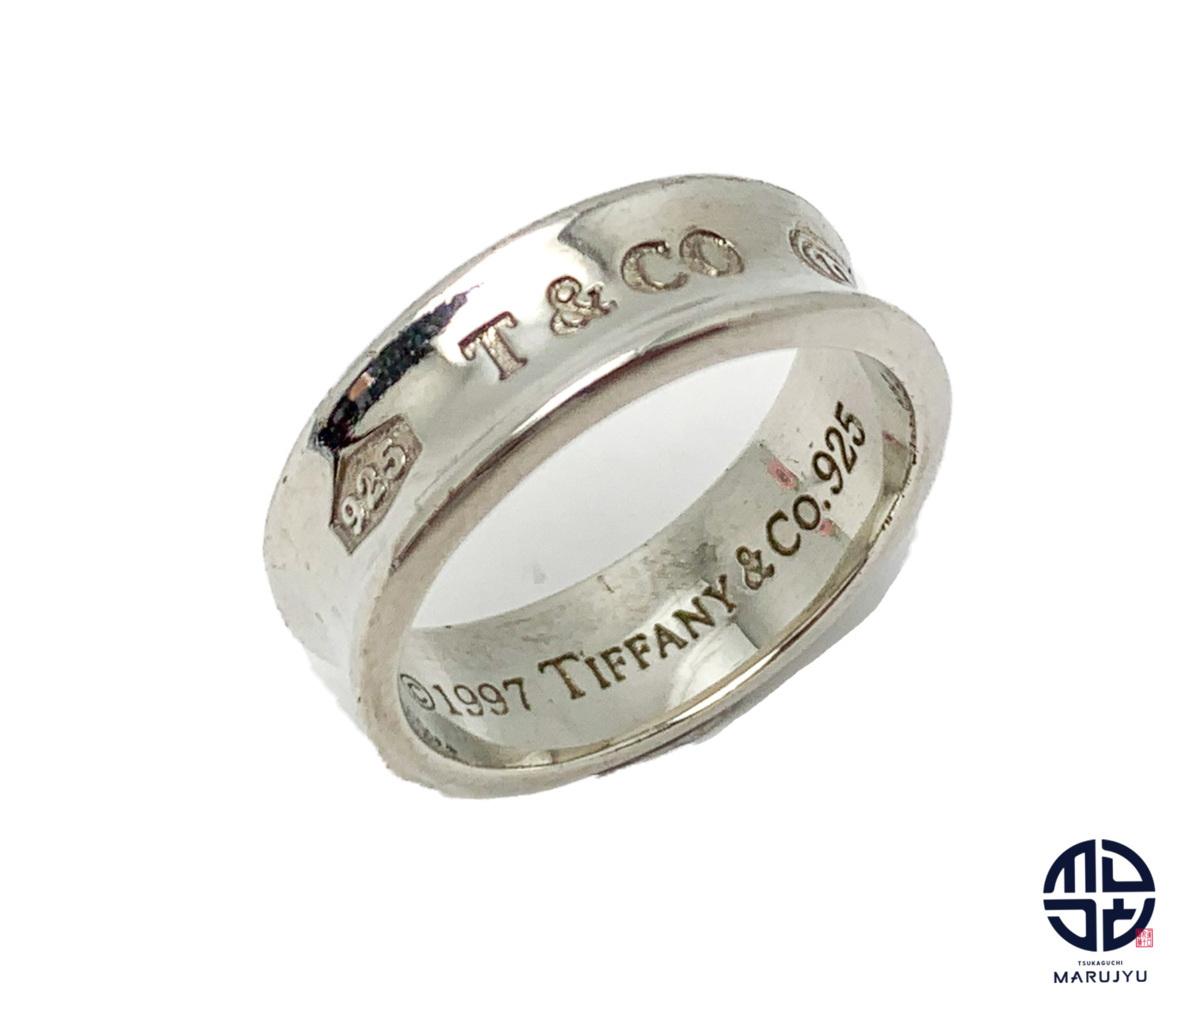 【1円オークション】TIFFANY ティファニー SV925 シルバー ナローリング 1837 指輪 19号